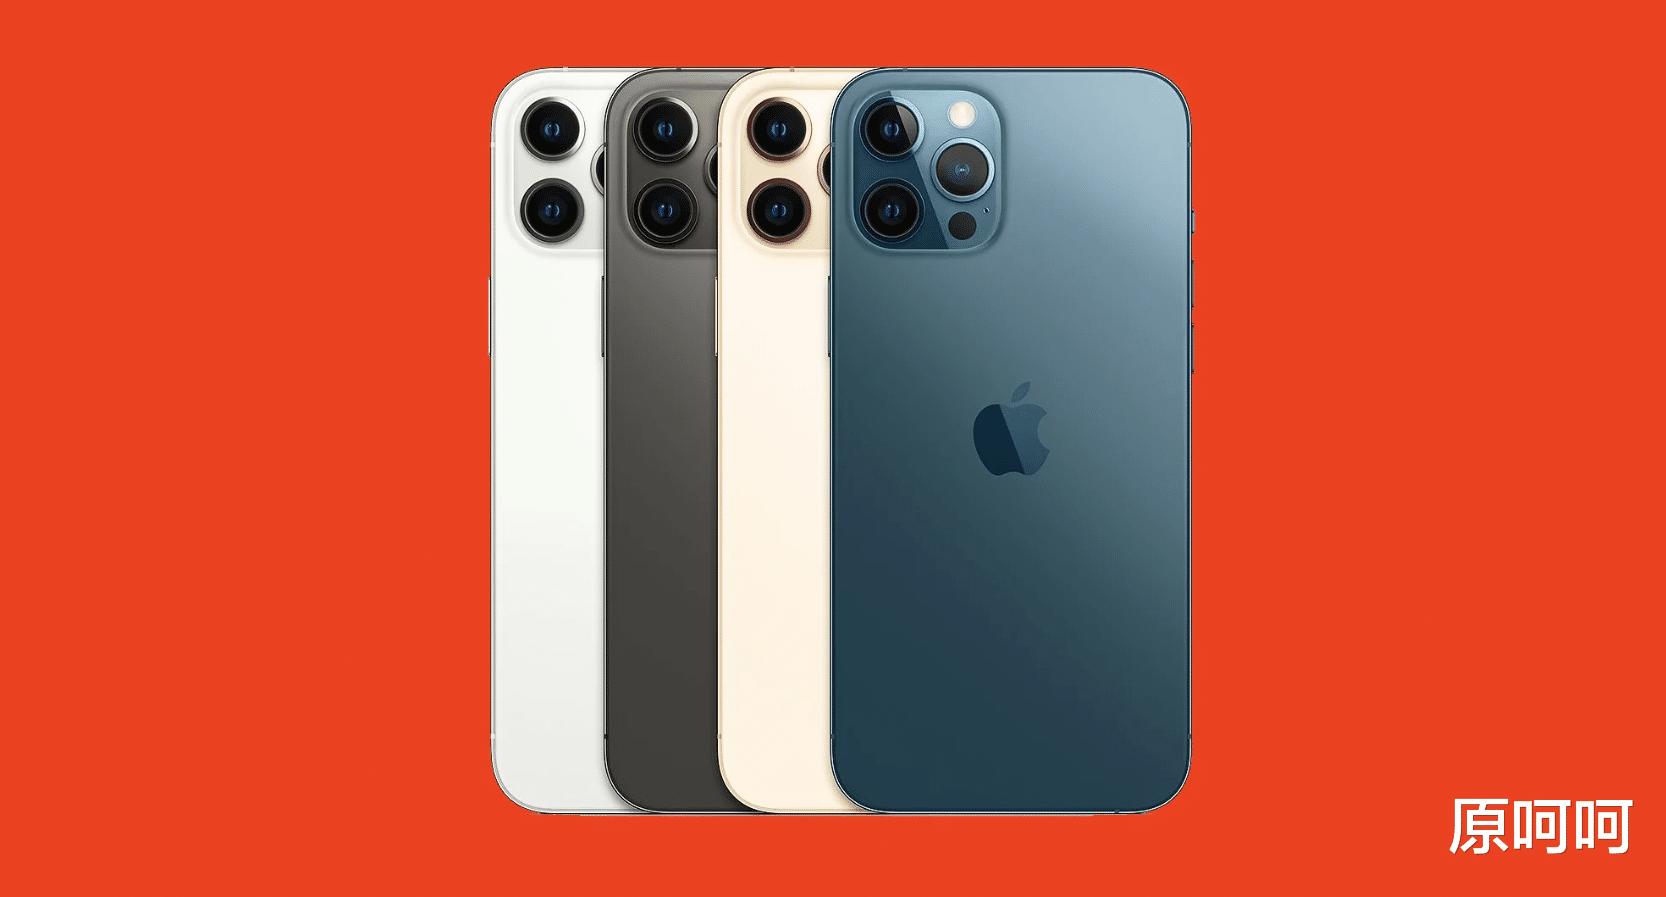 土豪首选最佳苹果手机:苹果iPhone12ProMax 好物资讯 第2张